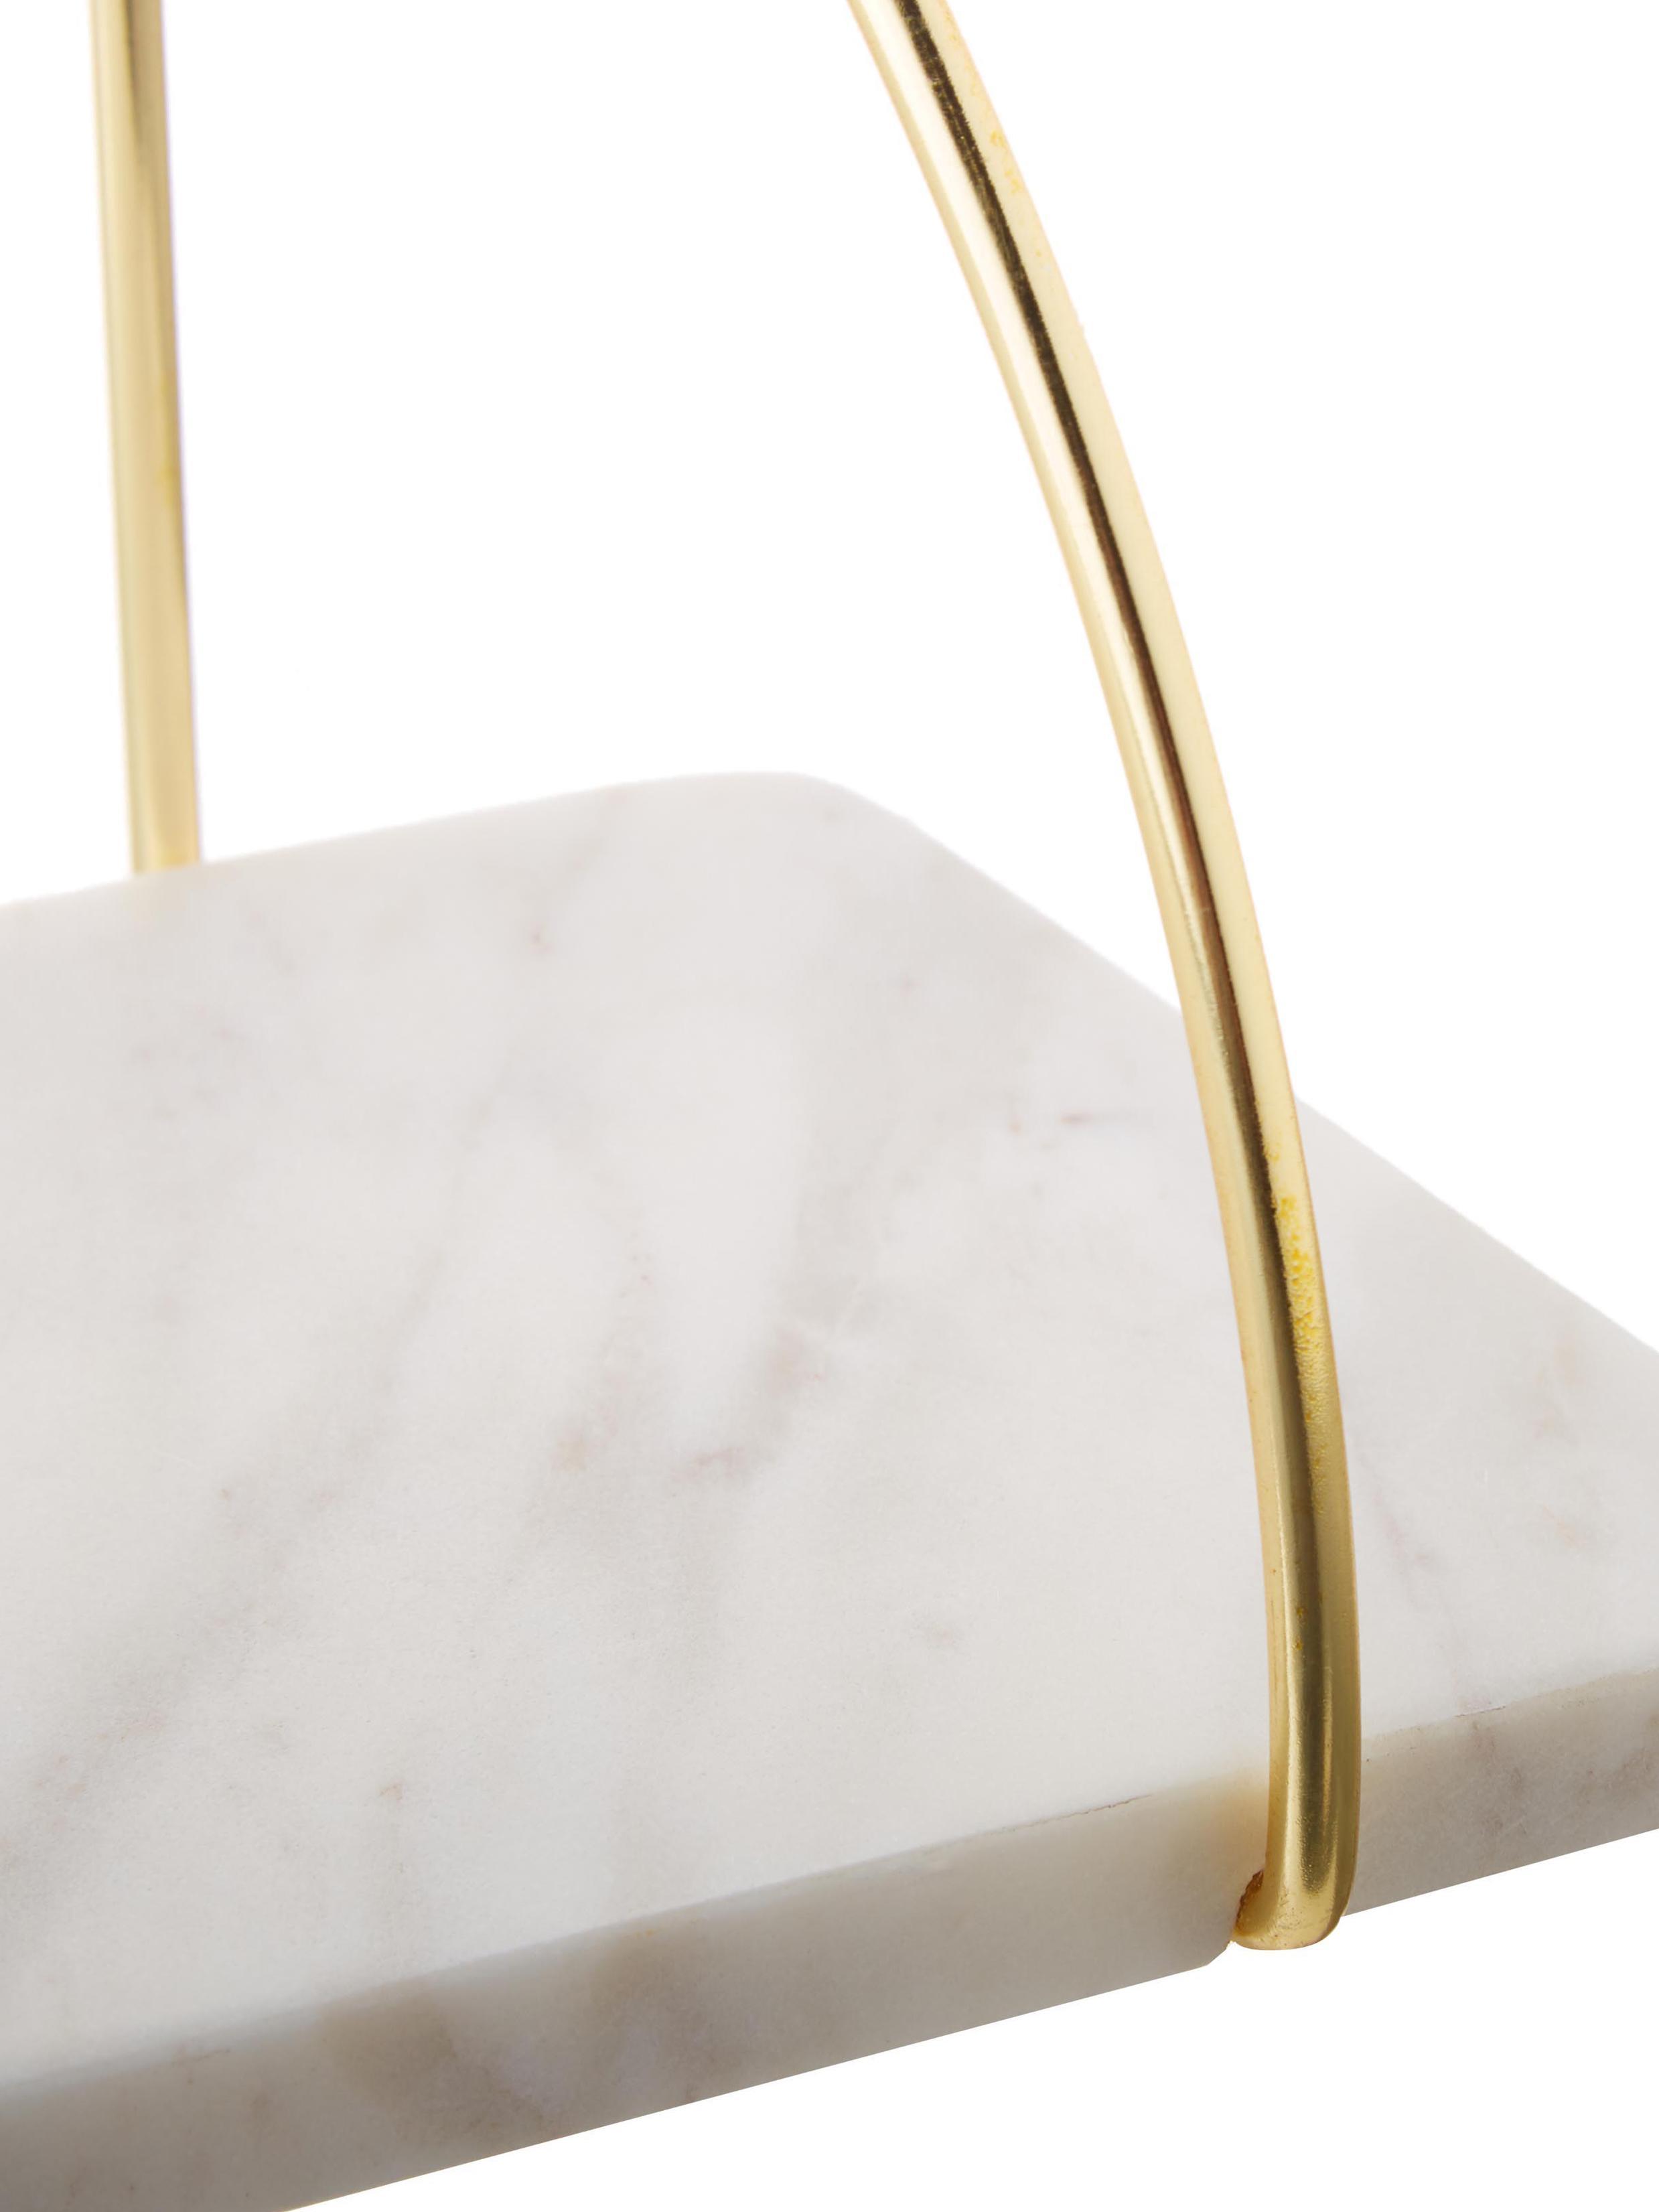 Marmor-Wandregal Porter, Regalboden: Marmor, Wandhalterung: Goldfarben Regal: Weiß, marmoriert, 40 x 18 cm